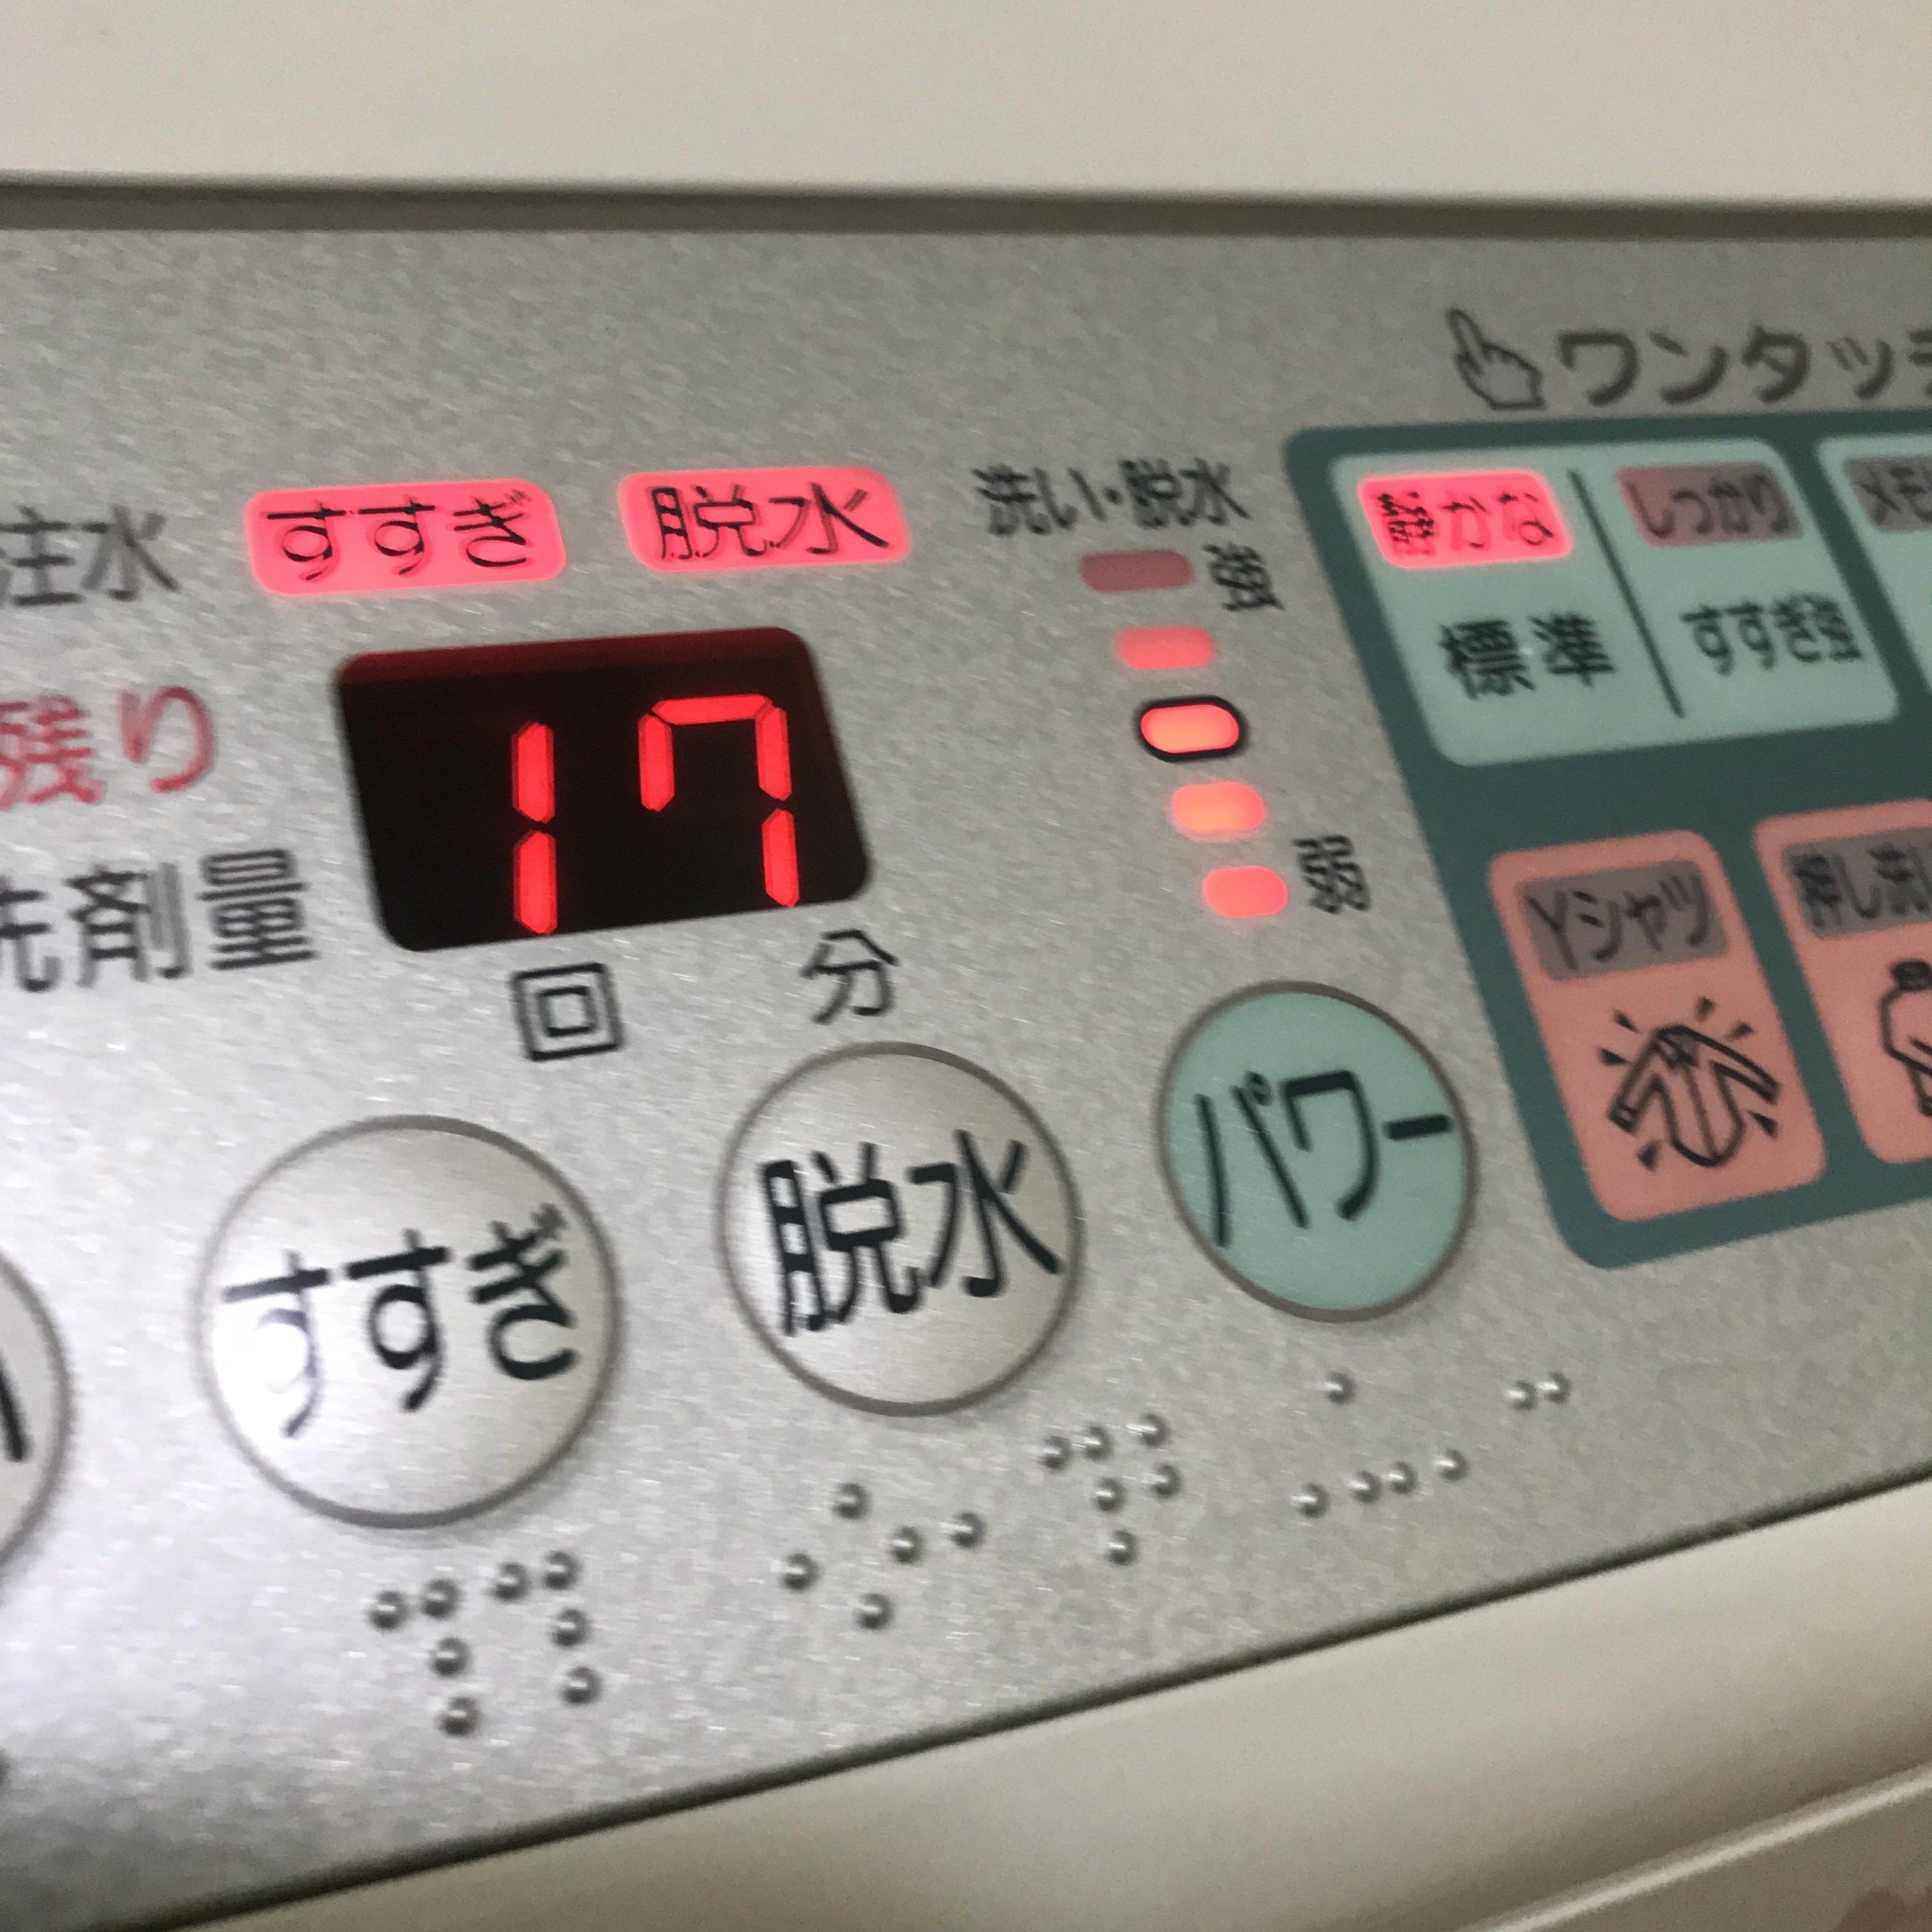 洗濯なう。我が家の壊れそうな洗濯機さんです。ドライで洗おう…